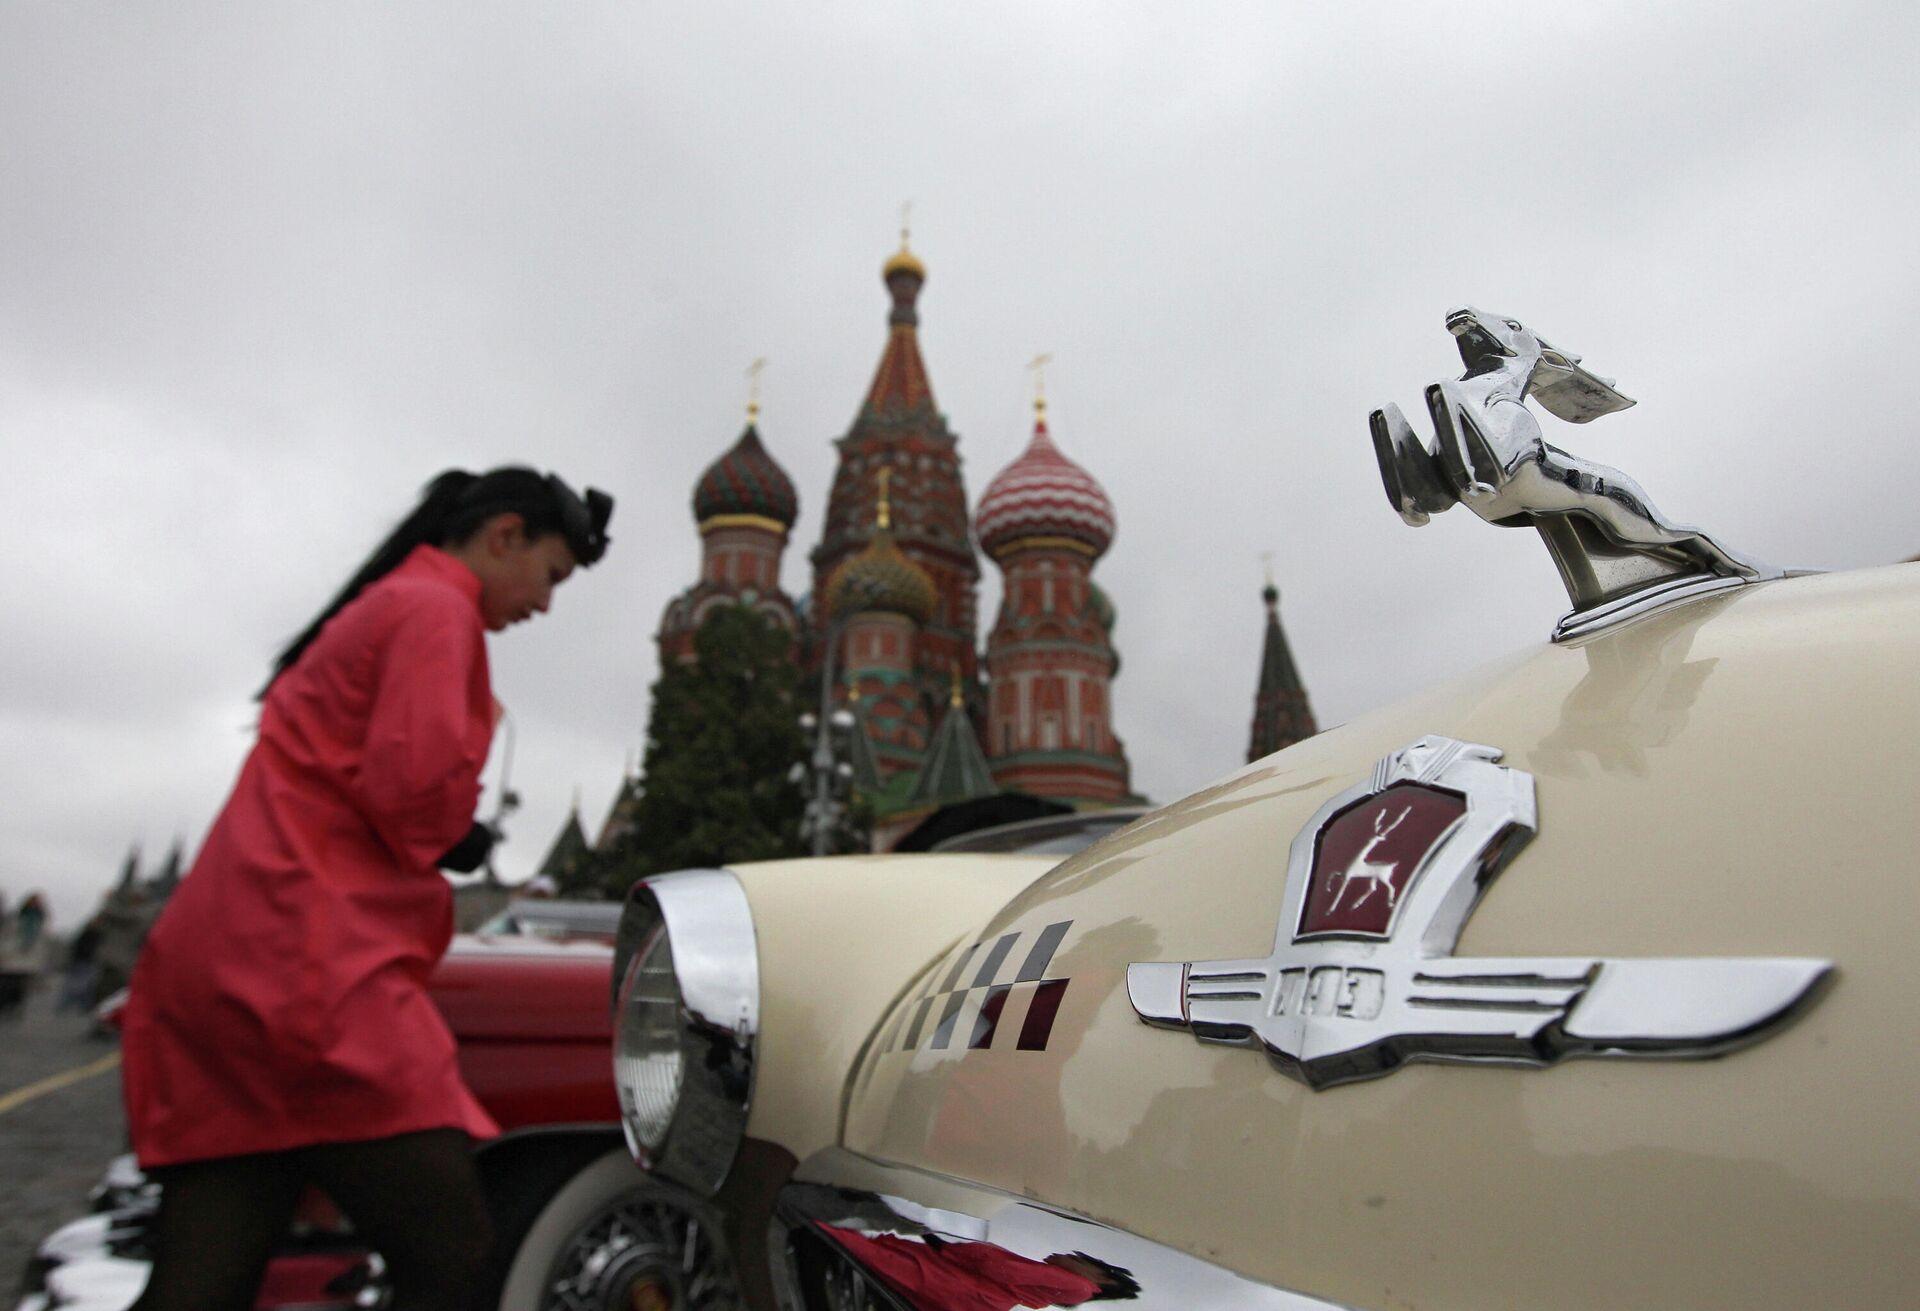 Автопробег Из прошлого в будущее - РИА Новости, 1920, 03.10.2021